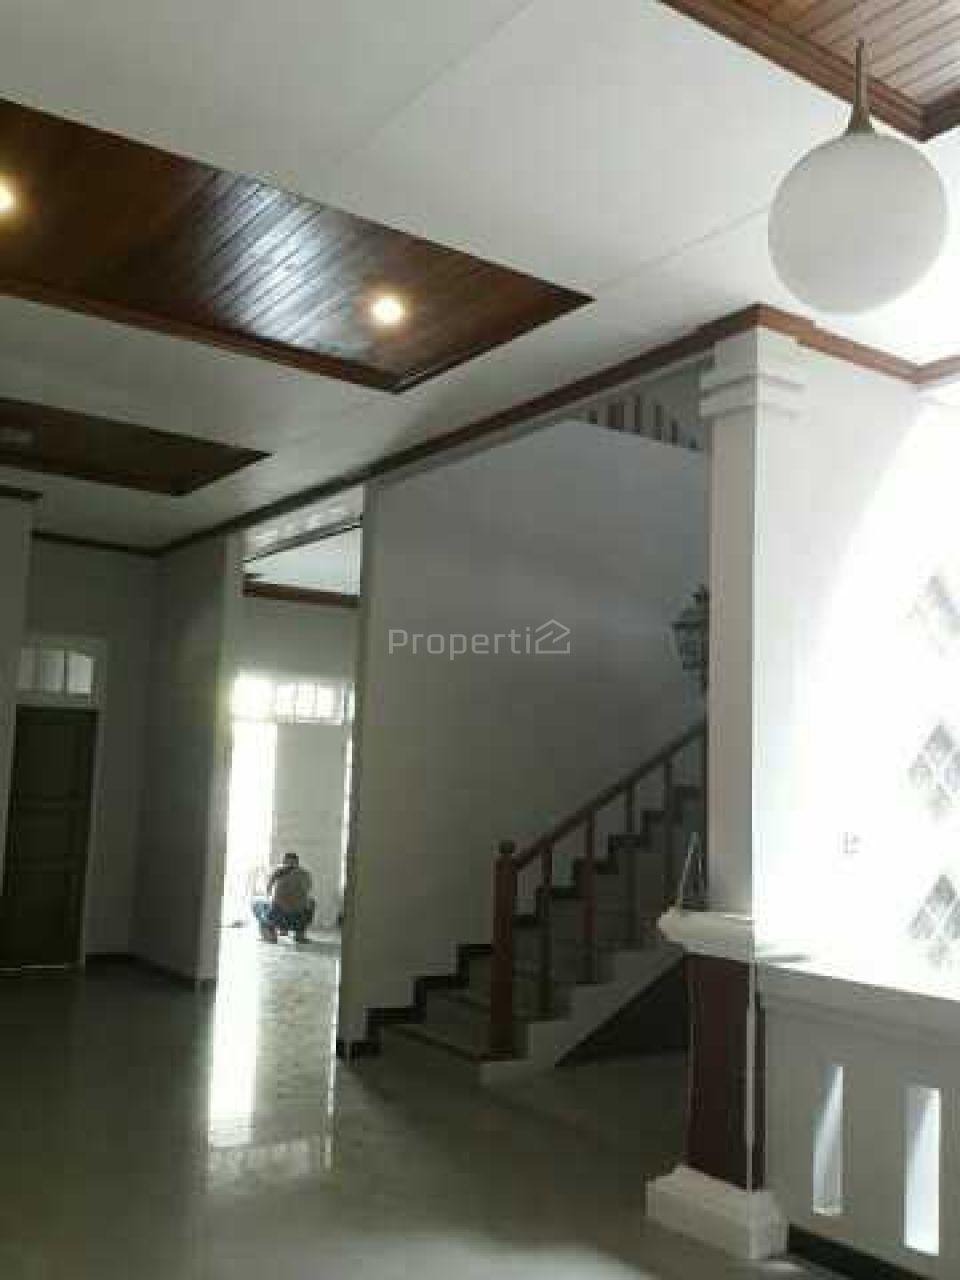 Rumah 2 Lantai Siap Huni di Kayu Putih, DKI Jakarta